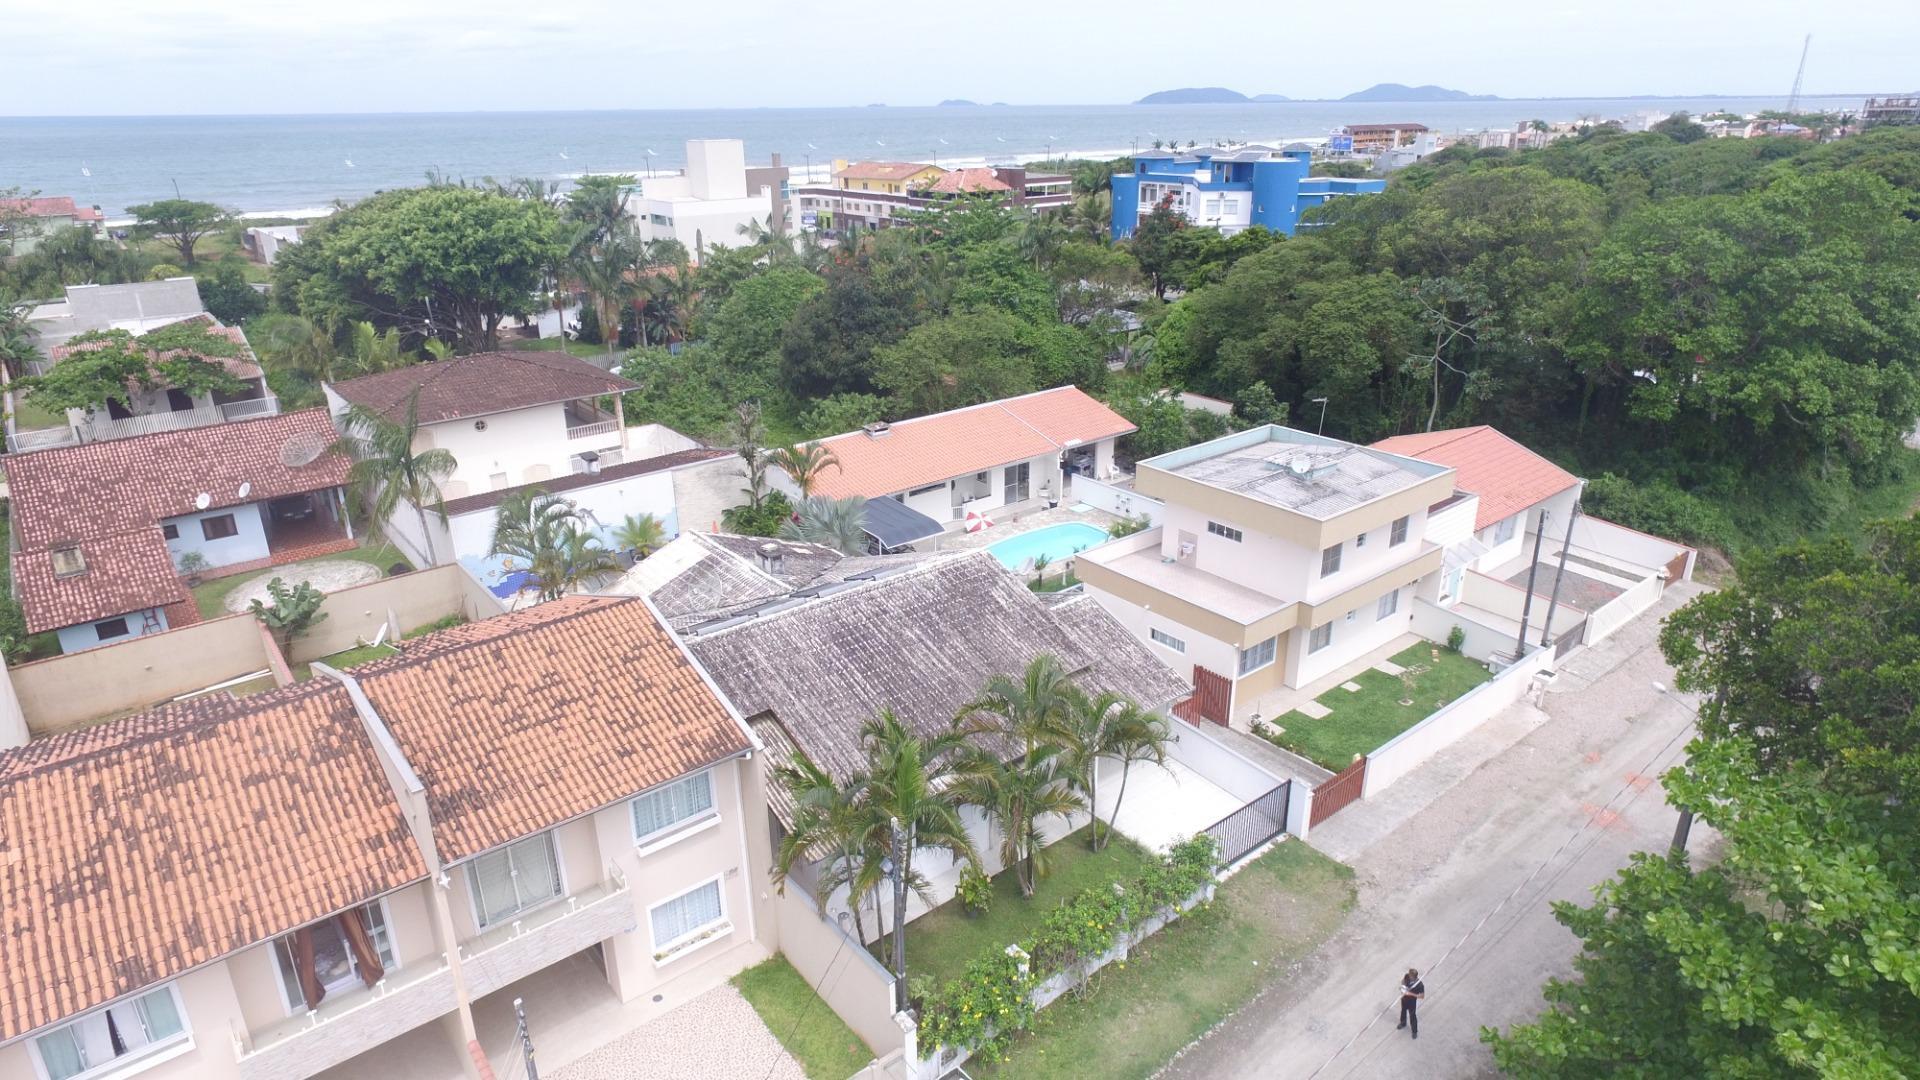 Casa com 3 dormitórios à venda, 165 m² por R$ 750.000,00 - Jardim Perola do Atlântico - Itapoá/SC